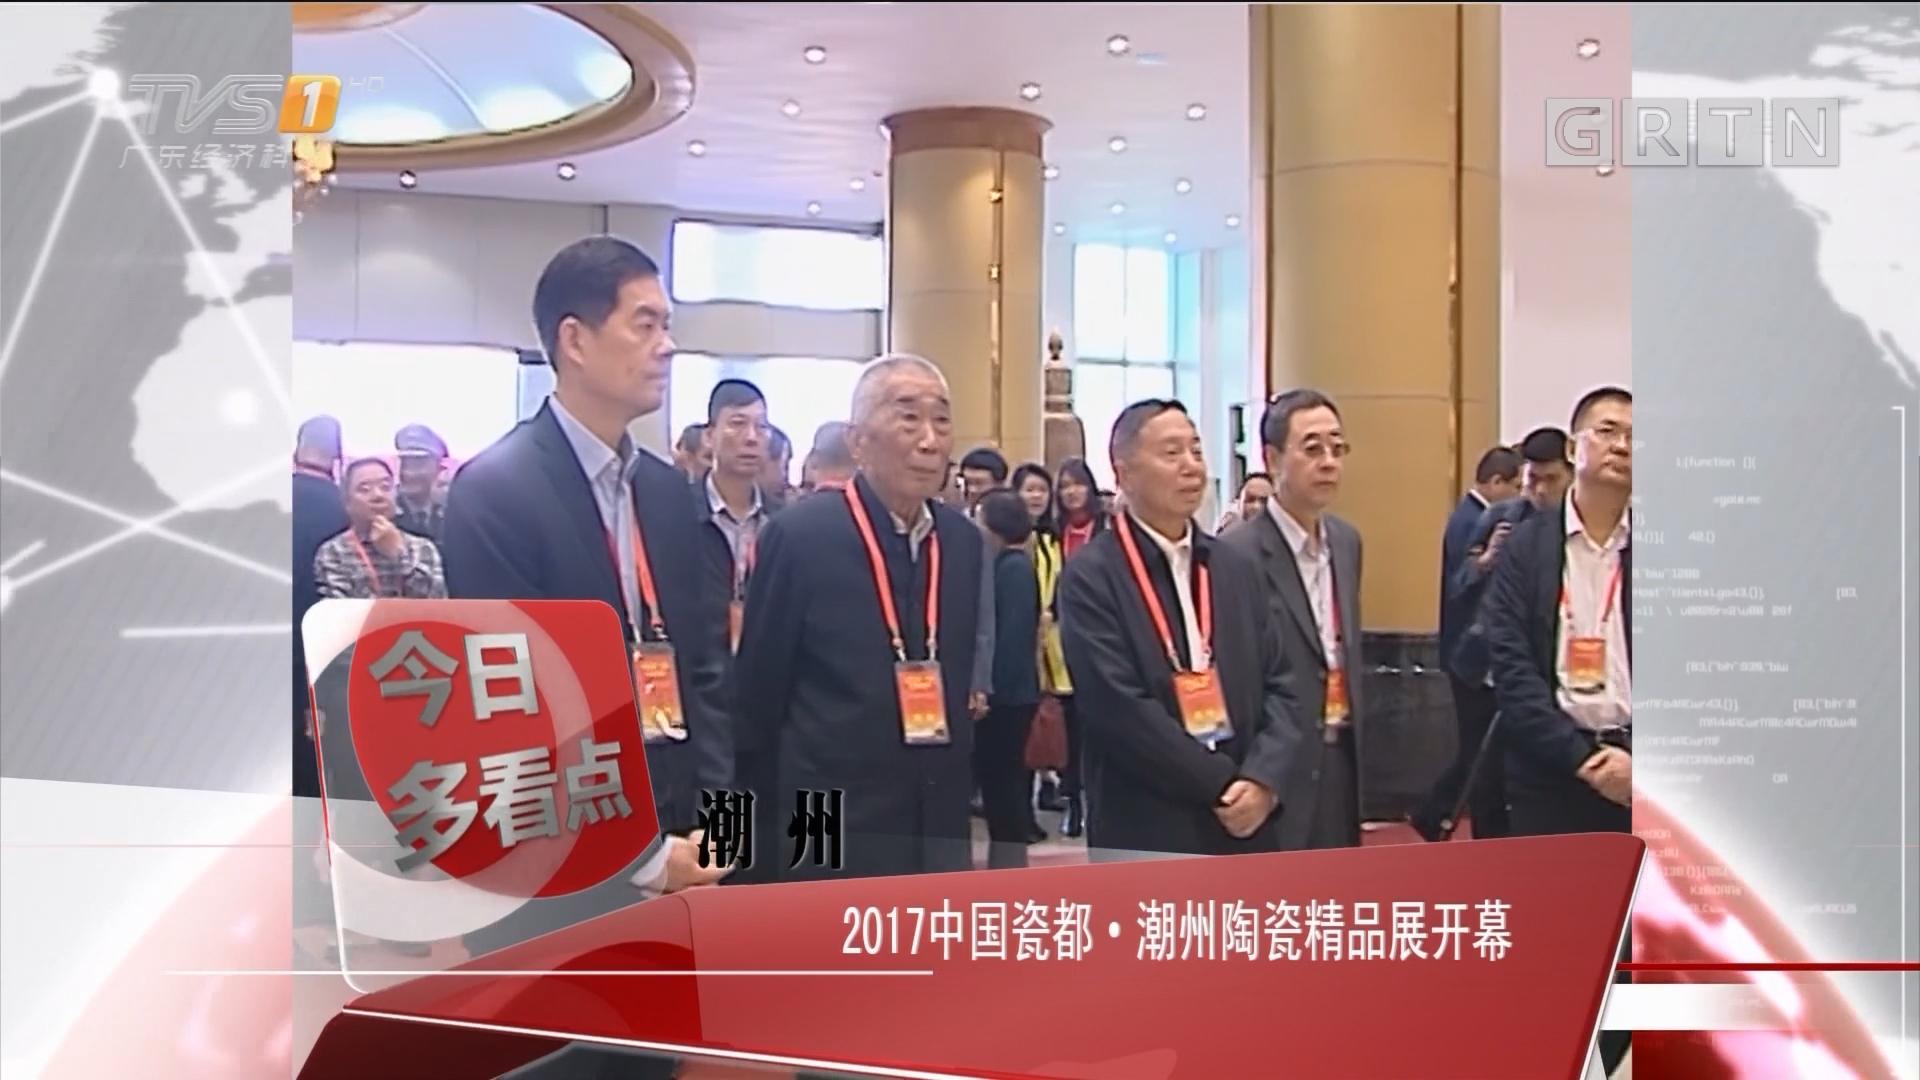 潮州:2017中国瓷都▪潮州陶瓷精品展开幕